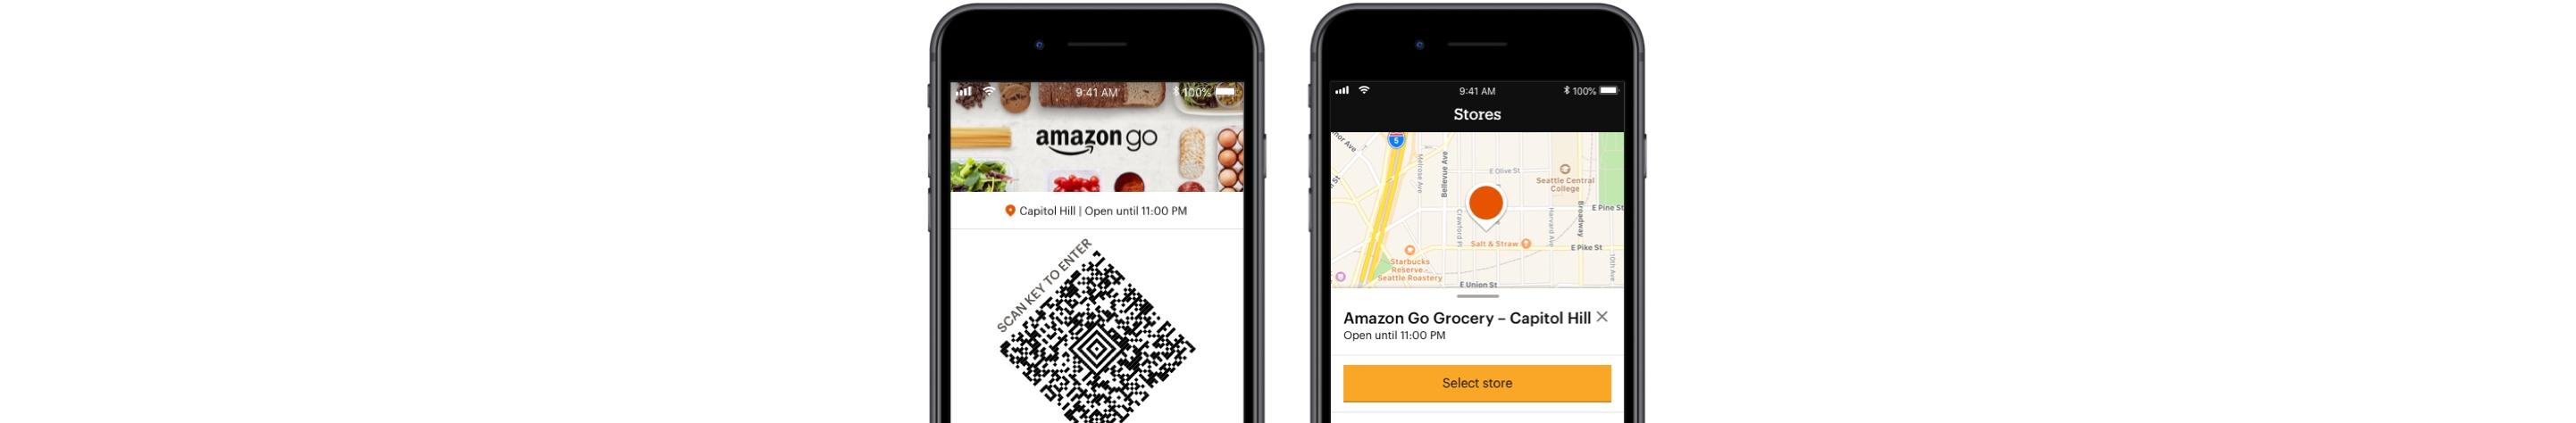 Amazon Go App images